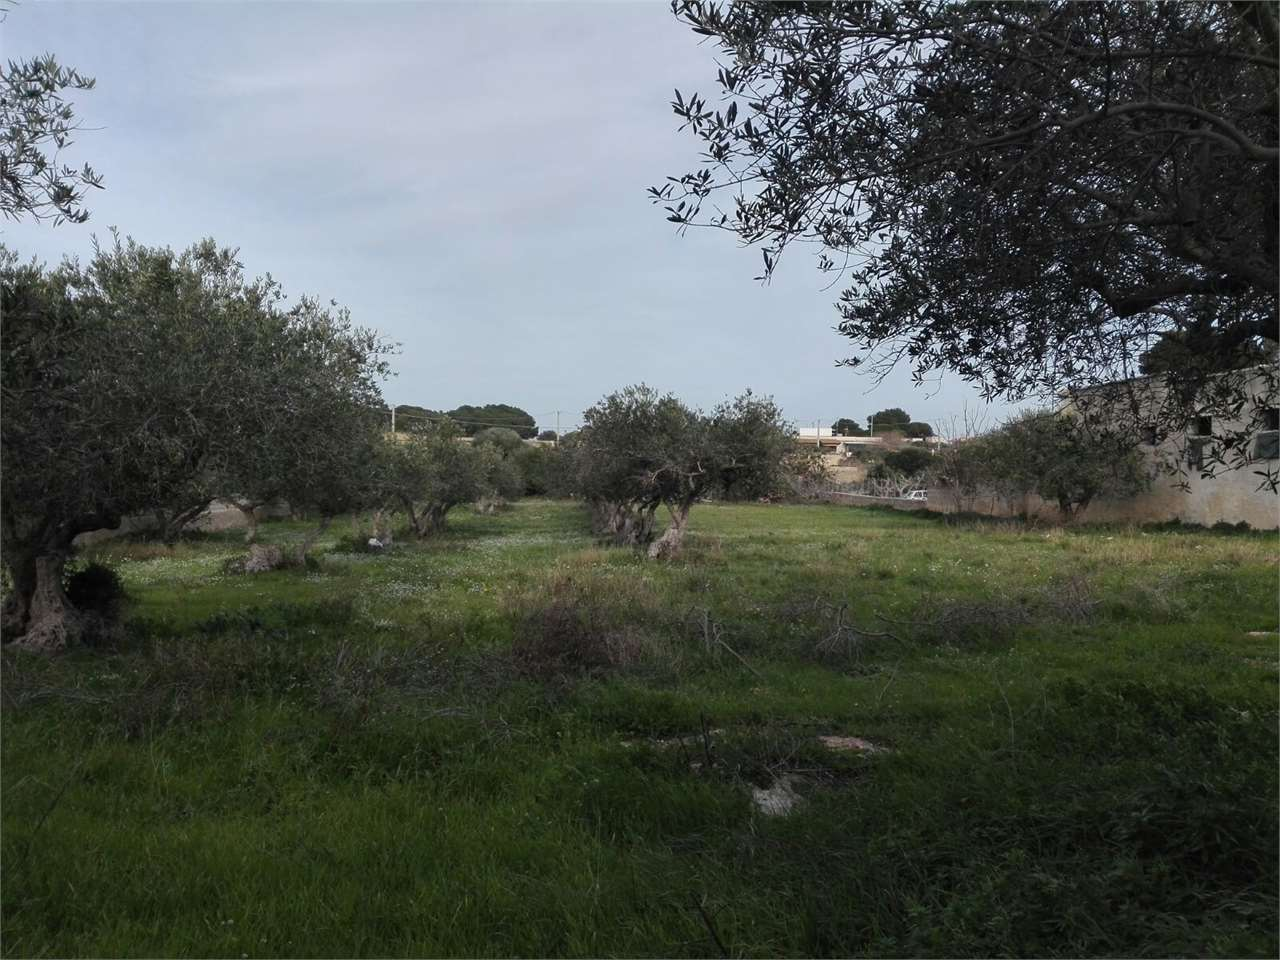 Terreno Agricolo in vendita a Marsala, 9999 locali, zona Località: Periferia lato Trapani, prezzo € 100.000 | CambioCasa.it